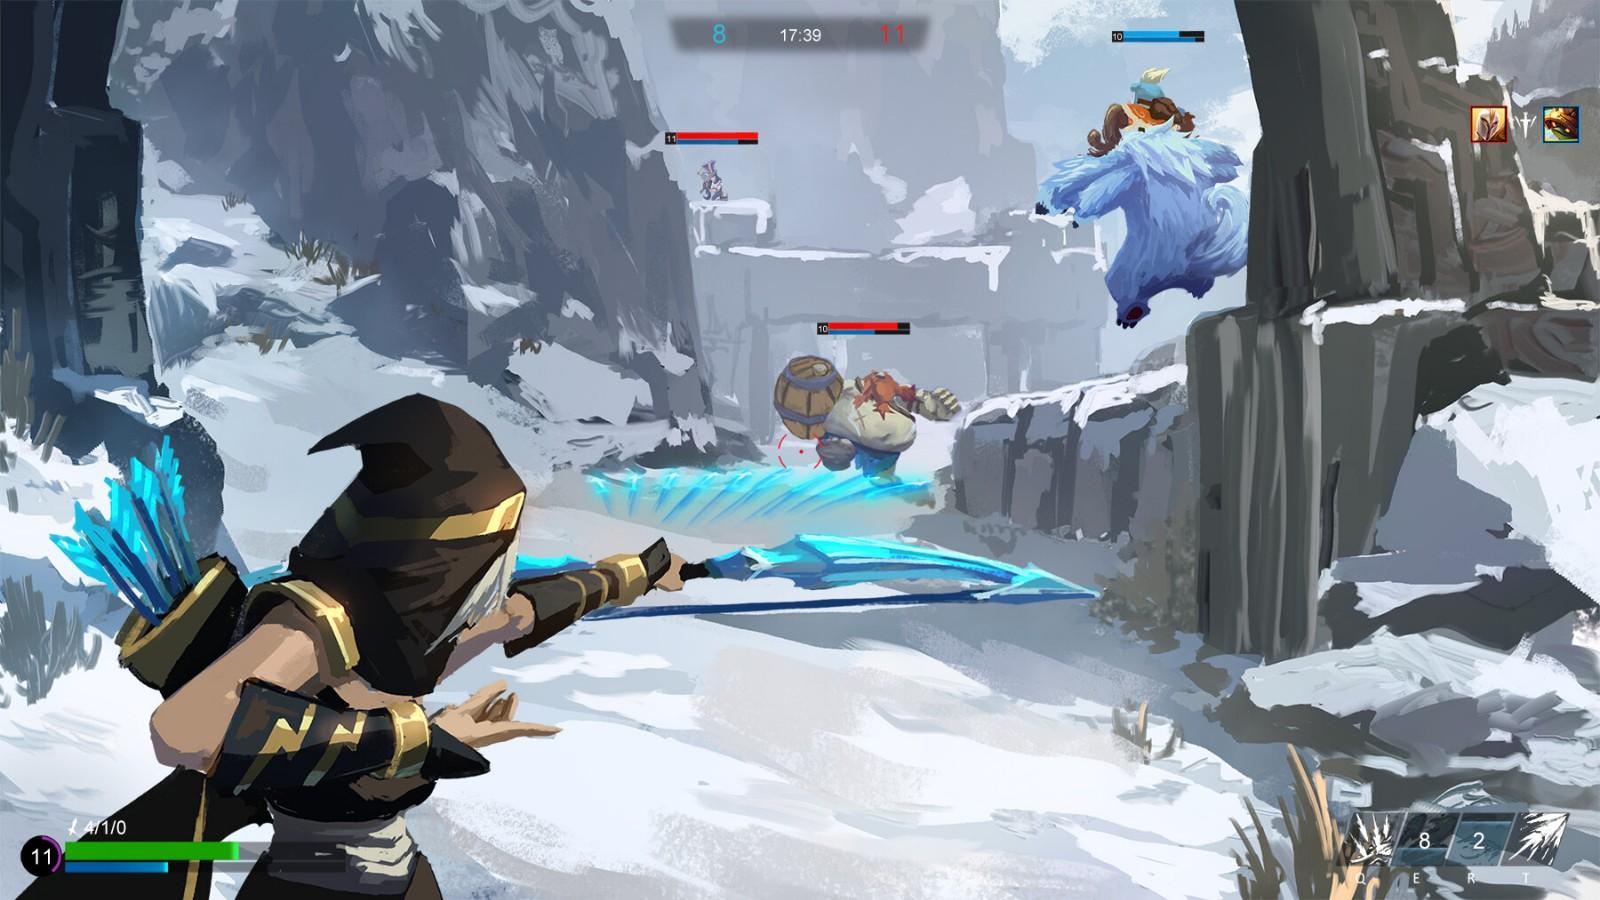 如果英雄联盟是一款射击类游戏是什么样的体验?